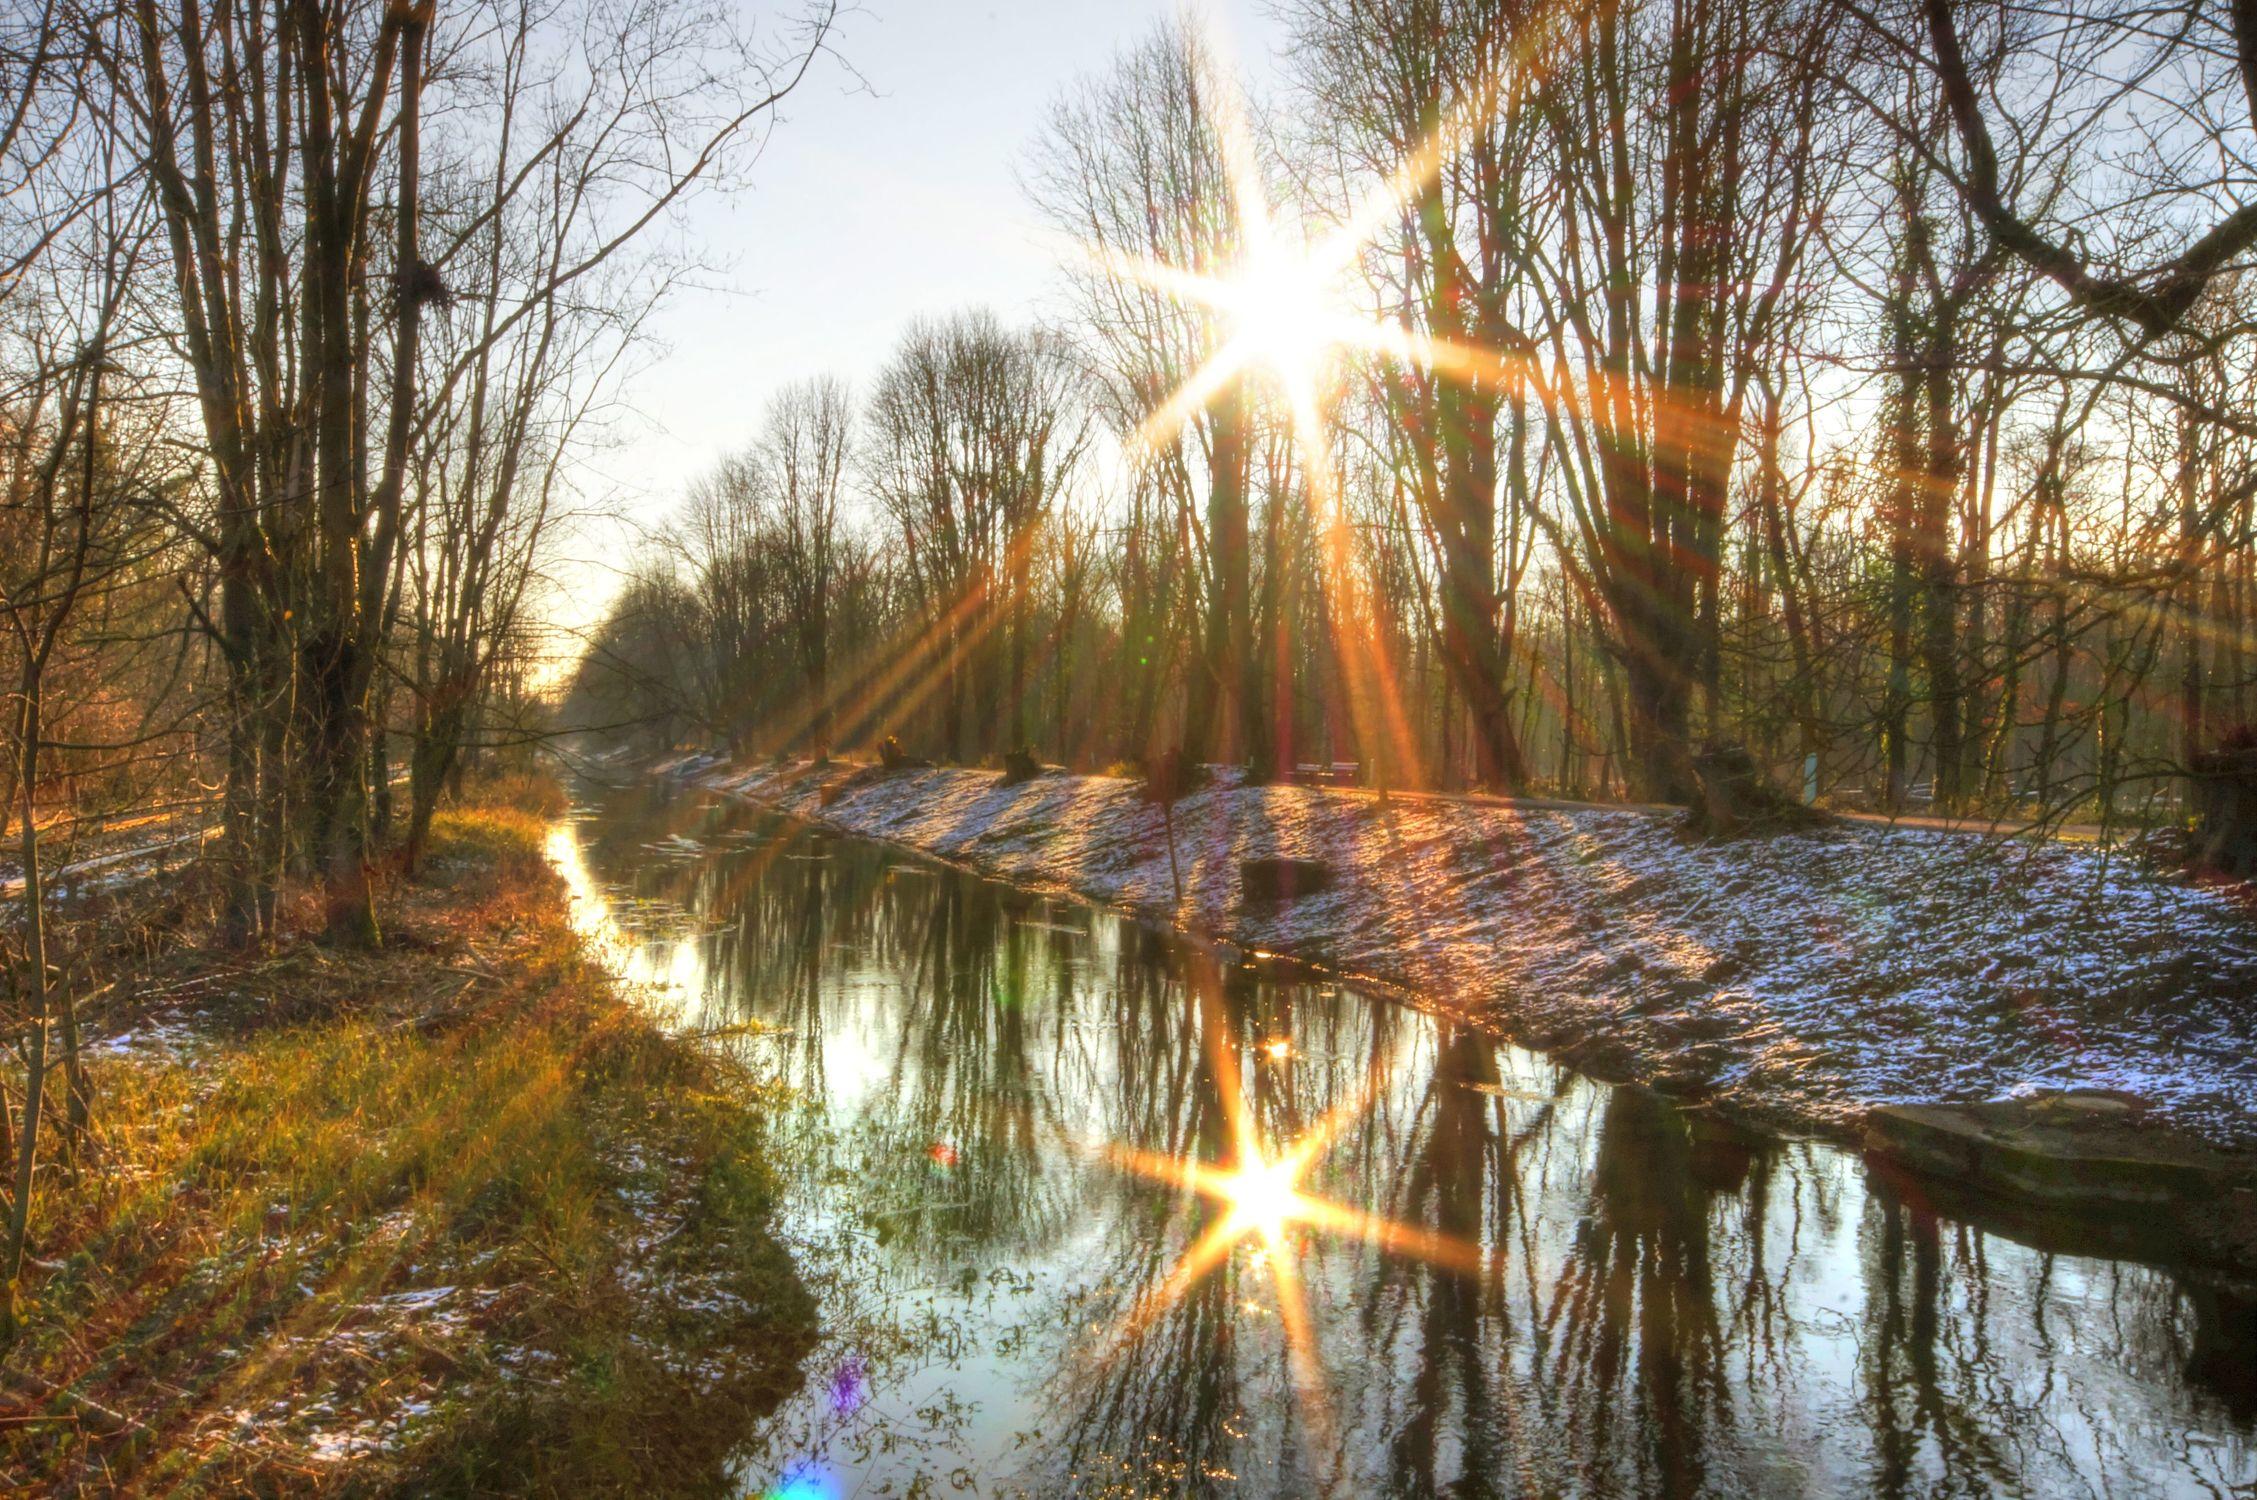 Bild mit Natur, Bäume, Winter, Wälder, Wald, Baum, Wäldchen, vereist, Sonnenstrahlen